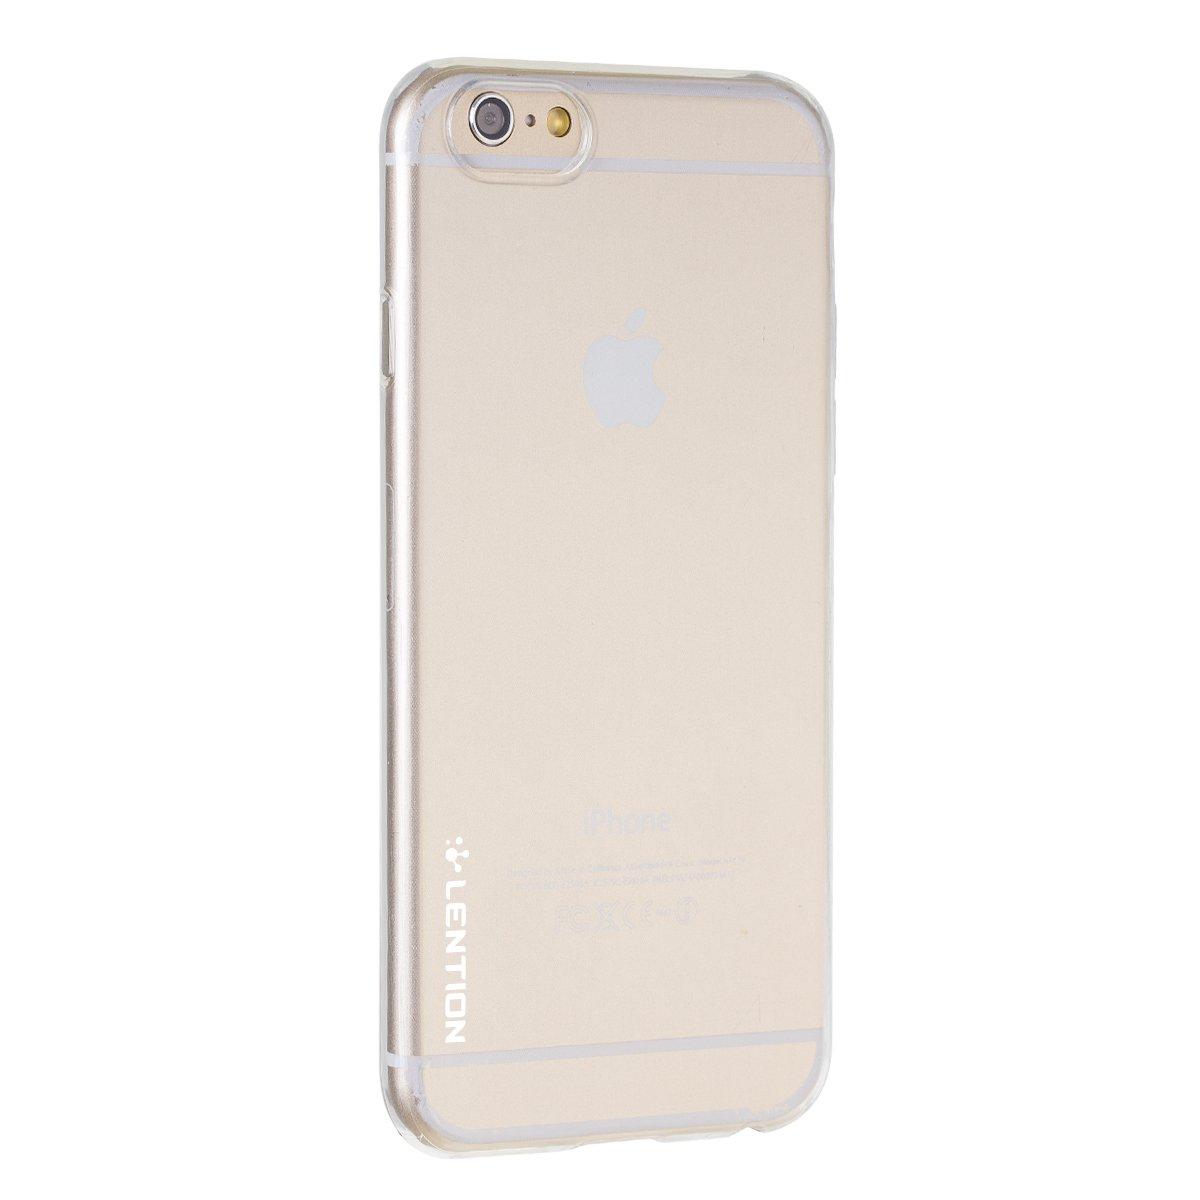 硅胶6s手机壳硅胶苹果超薄6s手机壳苹果透明百页机图片